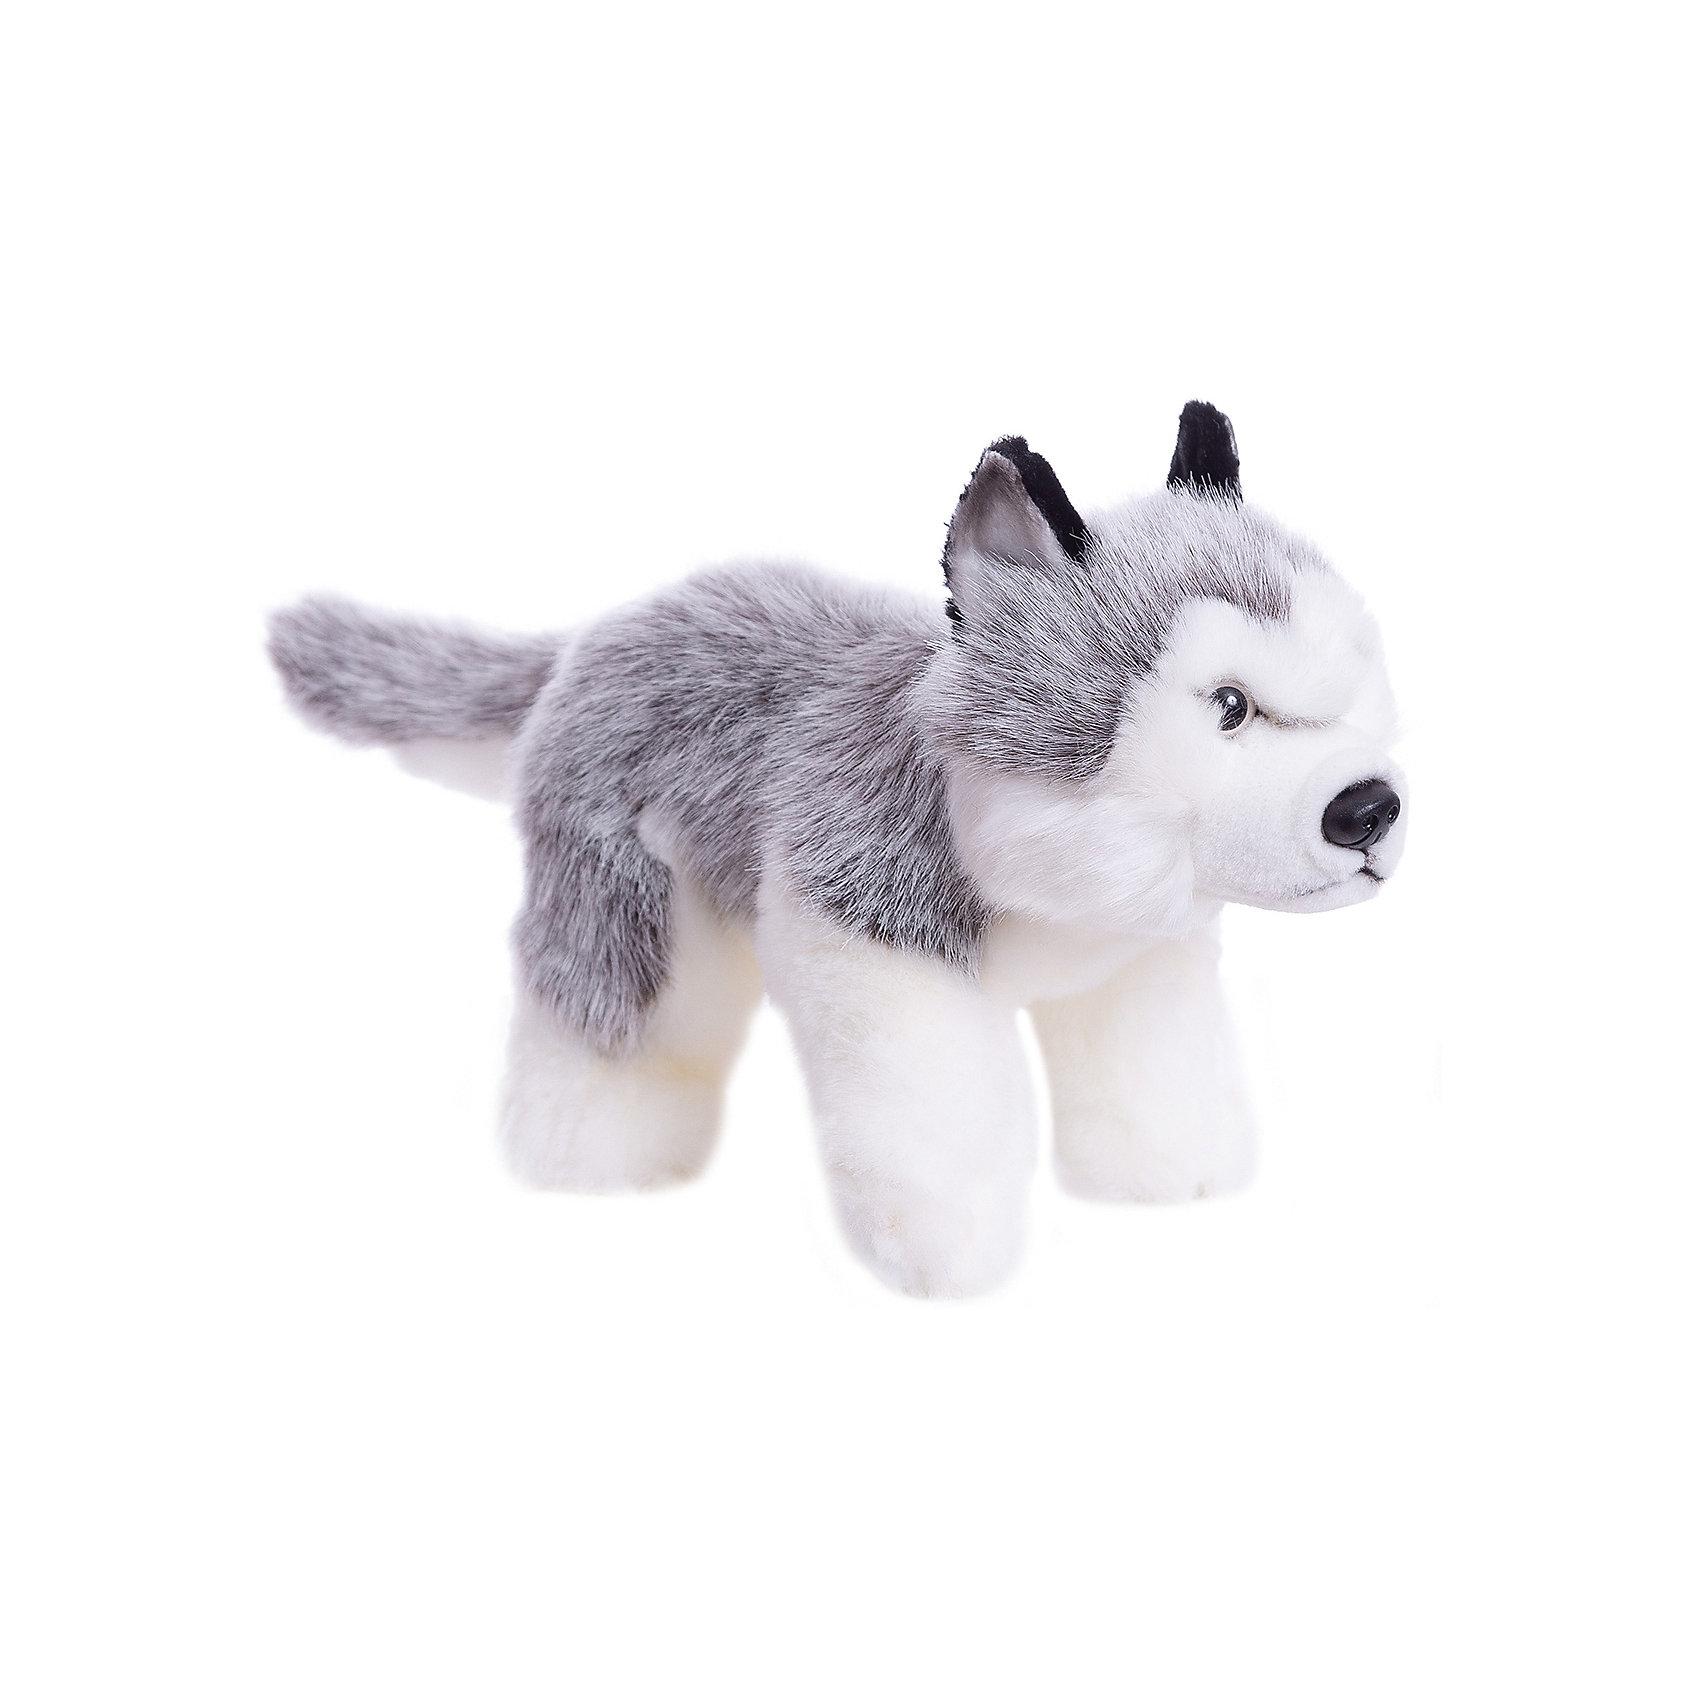 Щенок Хаски 25смКошки и собаки<br>Щенок хаски, 25 см – игрушка от знаменитого бренда Hansa, специализирующегося на выпуске мягких игрушек с высокой степенью натуралистичности. Внешний вид игрушечного щенка полностью соответствует своему реальному прототипу – собаке породы Хаски. Он выполнен из искусственного меха меланжевого серого цвета с ворсом средней длины и белого меха с коротким ворсом. Использованные материалы обладают гипоаллергенными свойствами. Внутри игрушки имеется металлический каркас, позволяющий изменять положение. <br>Игрушка относится к серии Домашние животные. <br>Мягкие игрушки от Hansa подходят для сюжетно-ролевых игр, для обучающих игр, направленных на знакомство с миром живой природы. Кроме того, их можно использовать в качестве интерьерных игрушек. Представленные у торгового бренда разнообразие игрушечных собак позволяет собрать свою коллекцию пород, которая будет радовать вашего ребенка долгое время, так как ручная работа и качественные материалы гарантируют их долговечность и прочность.<br><br>Дополнительная информация:<br><br>- Вид игр: сюжетно-ролевые игры, коллекционирование, интерьерные игрушки<br>- Предназначение: для дома, для детских развивающих центров, для детских садов<br>- Материал: искусственный мех, наполнитель ? полиэфирное волокно<br>- Размер (ДхШхВ): 25*44*13 см<br>- Вес: 6 кг<br>- Особенности ухода: сухая чистка при помощи пылесоса или щетки для одежды<br><br>Подробнее:<br><br>• Для детей в возрасте: от 3 лет <br>• Страна производитель: Филиппины<br>• Торговый бренд: Hansa<br><br>Щенка хаски, 25 см можно купить в нашем интернет-магазине.<br><br>Ширина мм: 25<br>Глубина мм: 44<br>Высота мм: 13<br>Вес г: 6000<br>Возраст от месяцев: 36<br>Возраст до месяцев: 2147483647<br>Пол: Унисекс<br>Возраст: Детский<br>SKU: 4927170